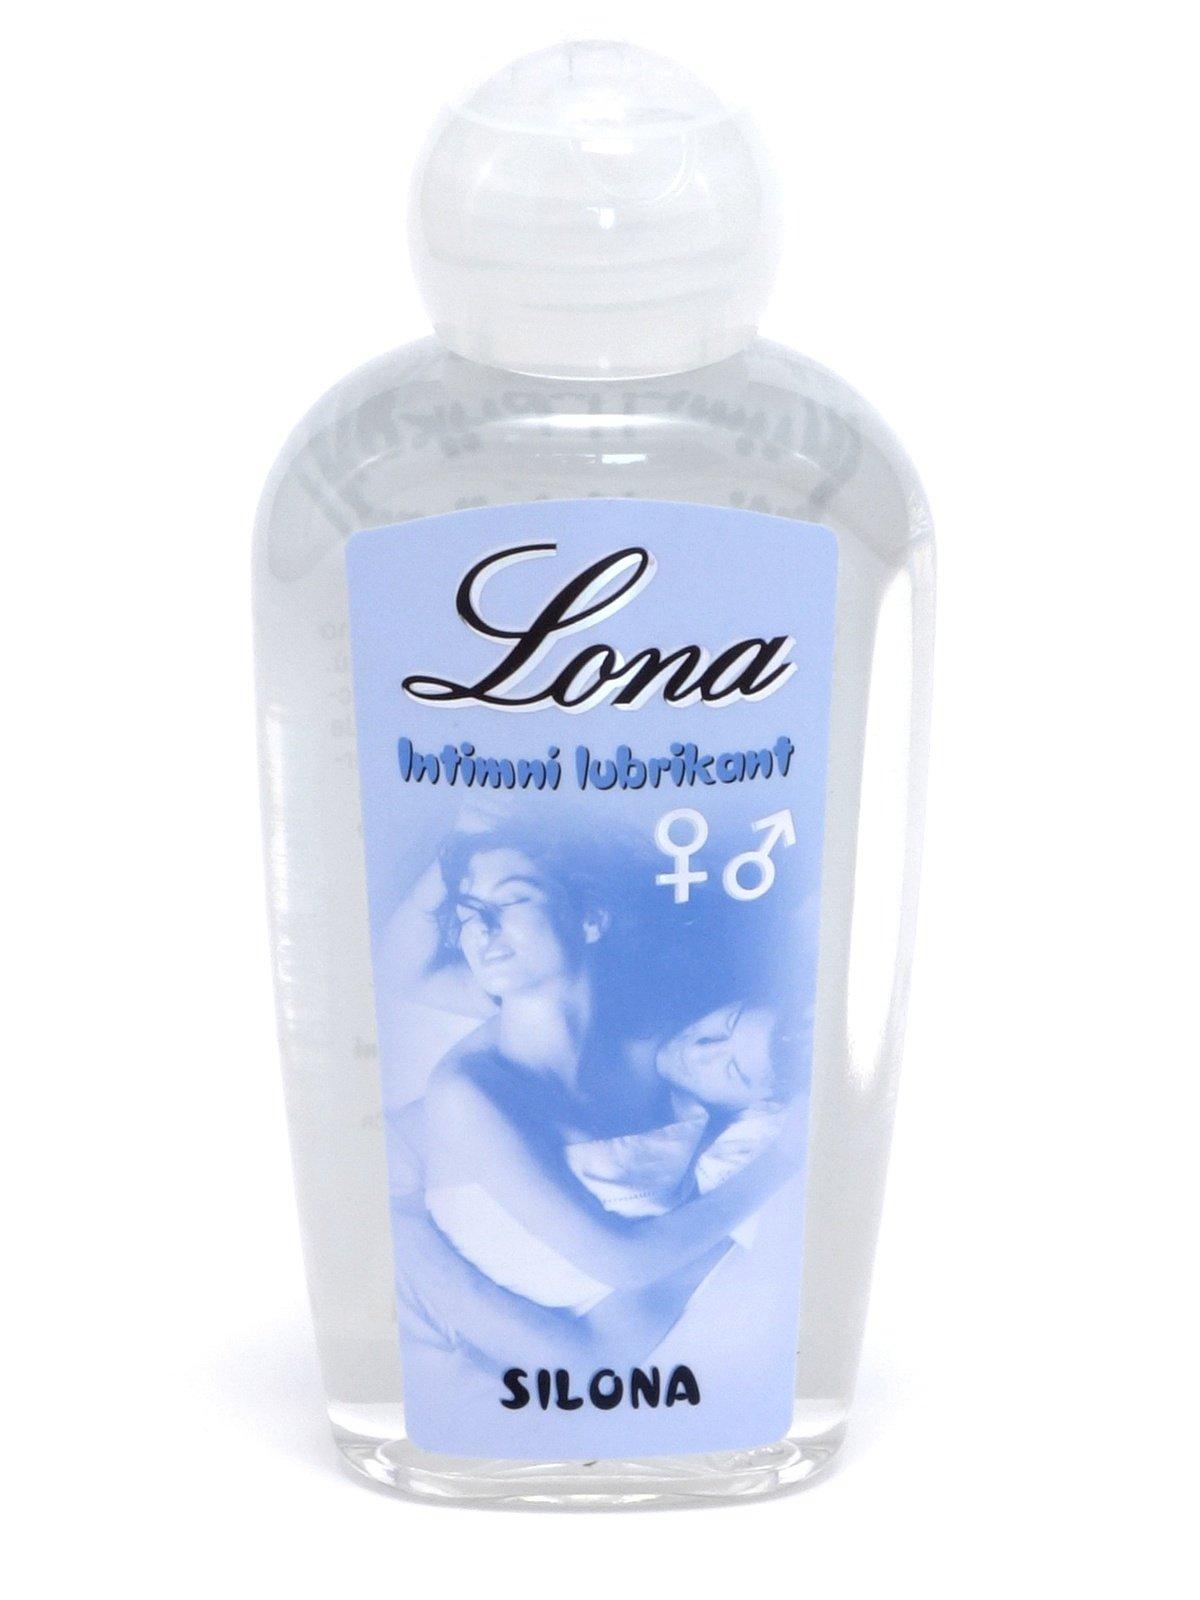 LONA lubrikační gel Silona (silikonový)